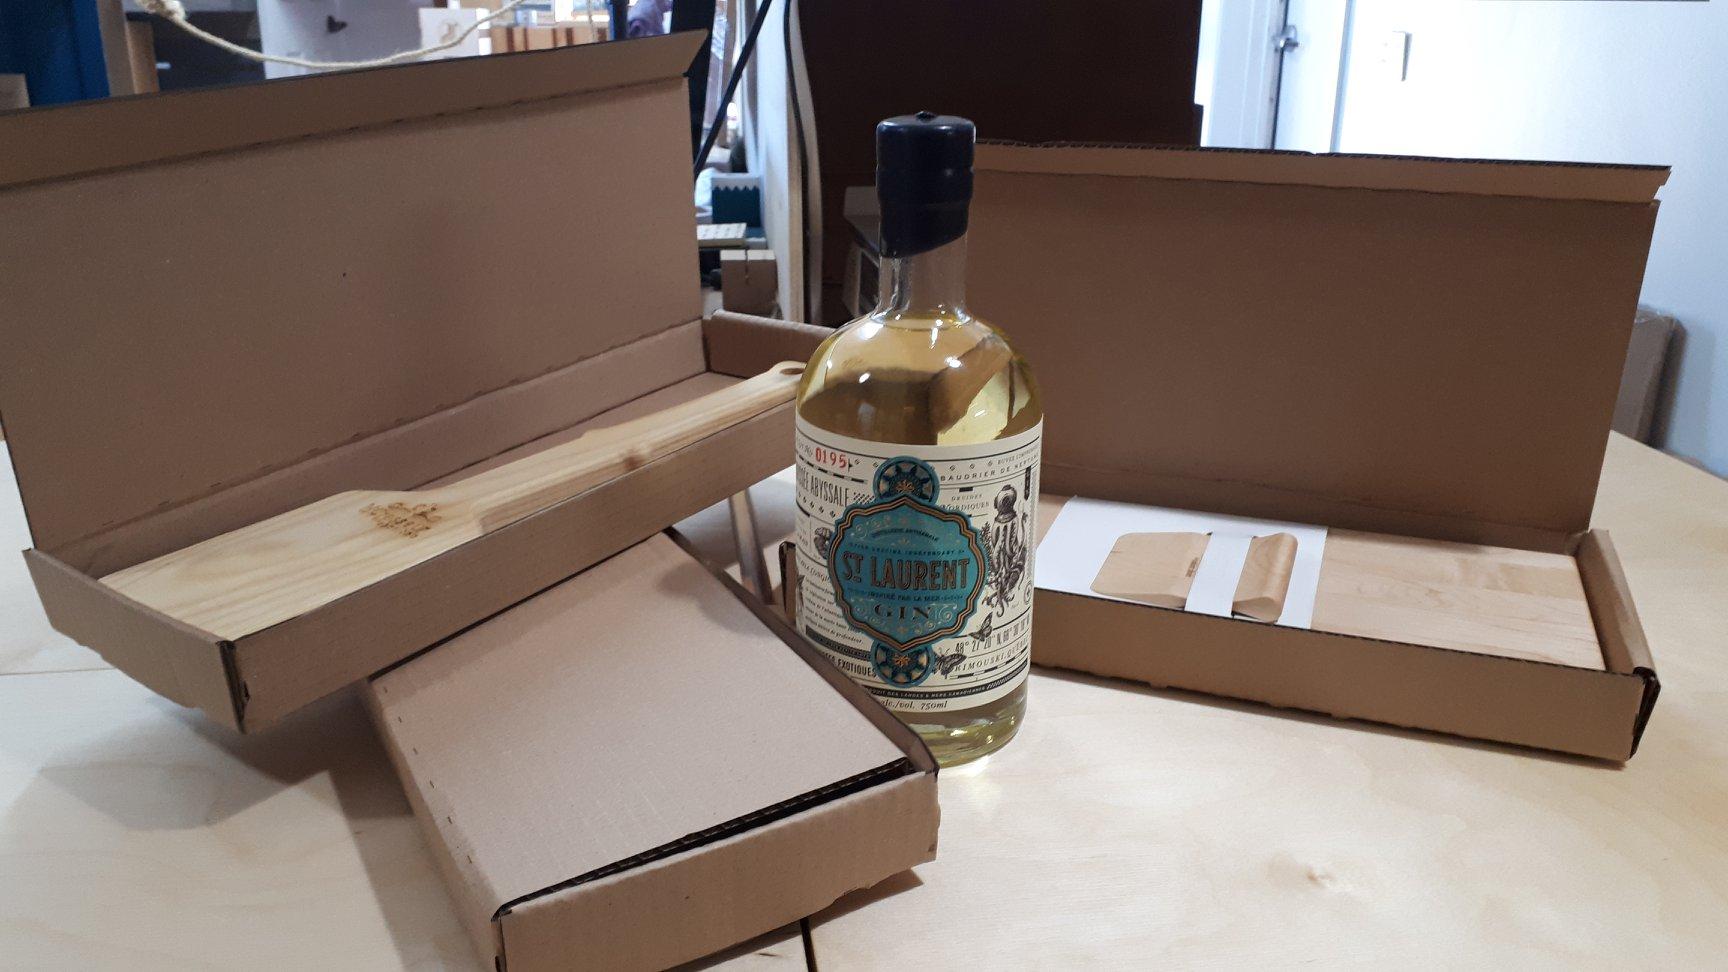 Face à un manque de boîtes en carton pour livrer ses produits, Rabo D.Bois s'est associé à la Distillerie du St-Laurent pour récupérer leurs cartons.